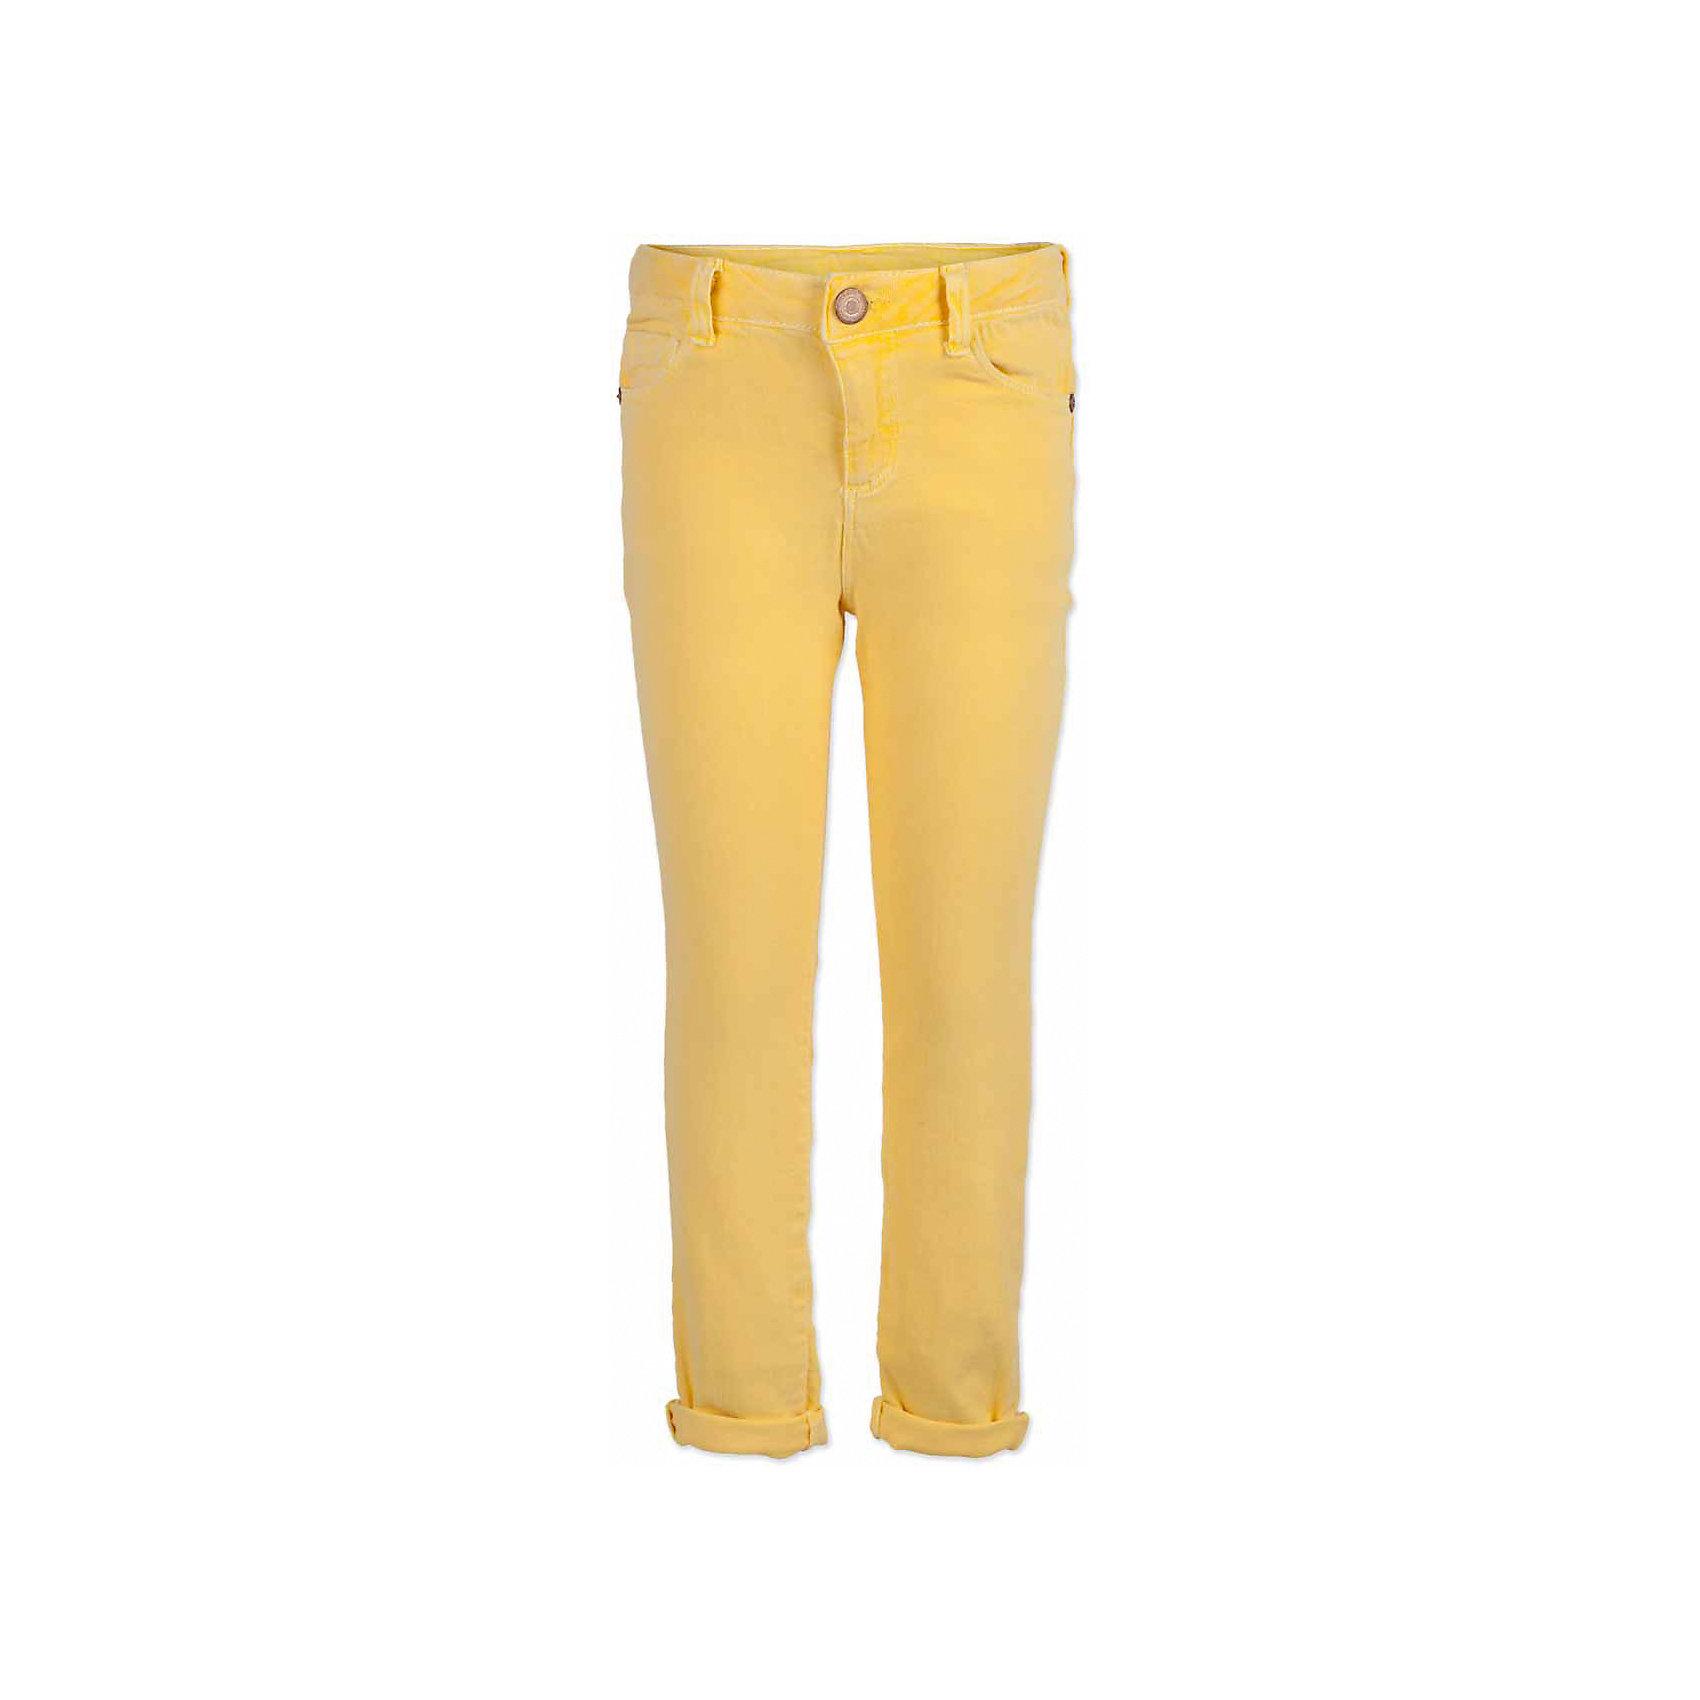 Брюки для мальчика  BUTTON BLUEБрюки для мальчика  BUTTON BLUE<br>Яркие брюки - залог стильного образа для каждого дня лета. Отличные брюки из хлопка с эластаном гарантируют прекрасный внешний вид, комфорт и свободу движений. В компании с любой майкой, футболкой, джемпером брюки составят достойный летний комплект. Если вы хотите купить недорогие детские брюки, не сомневаясь в их качестве, высоких потребительских свойствах и соответствии модным трендам, брюки для мальчика от Button Blue - лучший вариант!<br>Состав:<br>97% хлопок 3%эластан<br><br>Ширина мм: 215<br>Глубина мм: 88<br>Высота мм: 191<br>Вес г: 336<br>Цвет: желтый<br>Возраст от месяцев: 144<br>Возраст до месяцев: 156<br>Пол: Мужской<br>Возраст: Детский<br>Размер: 158,98,104,116,122,128,134,140,146,152<br>SKU: 5524668